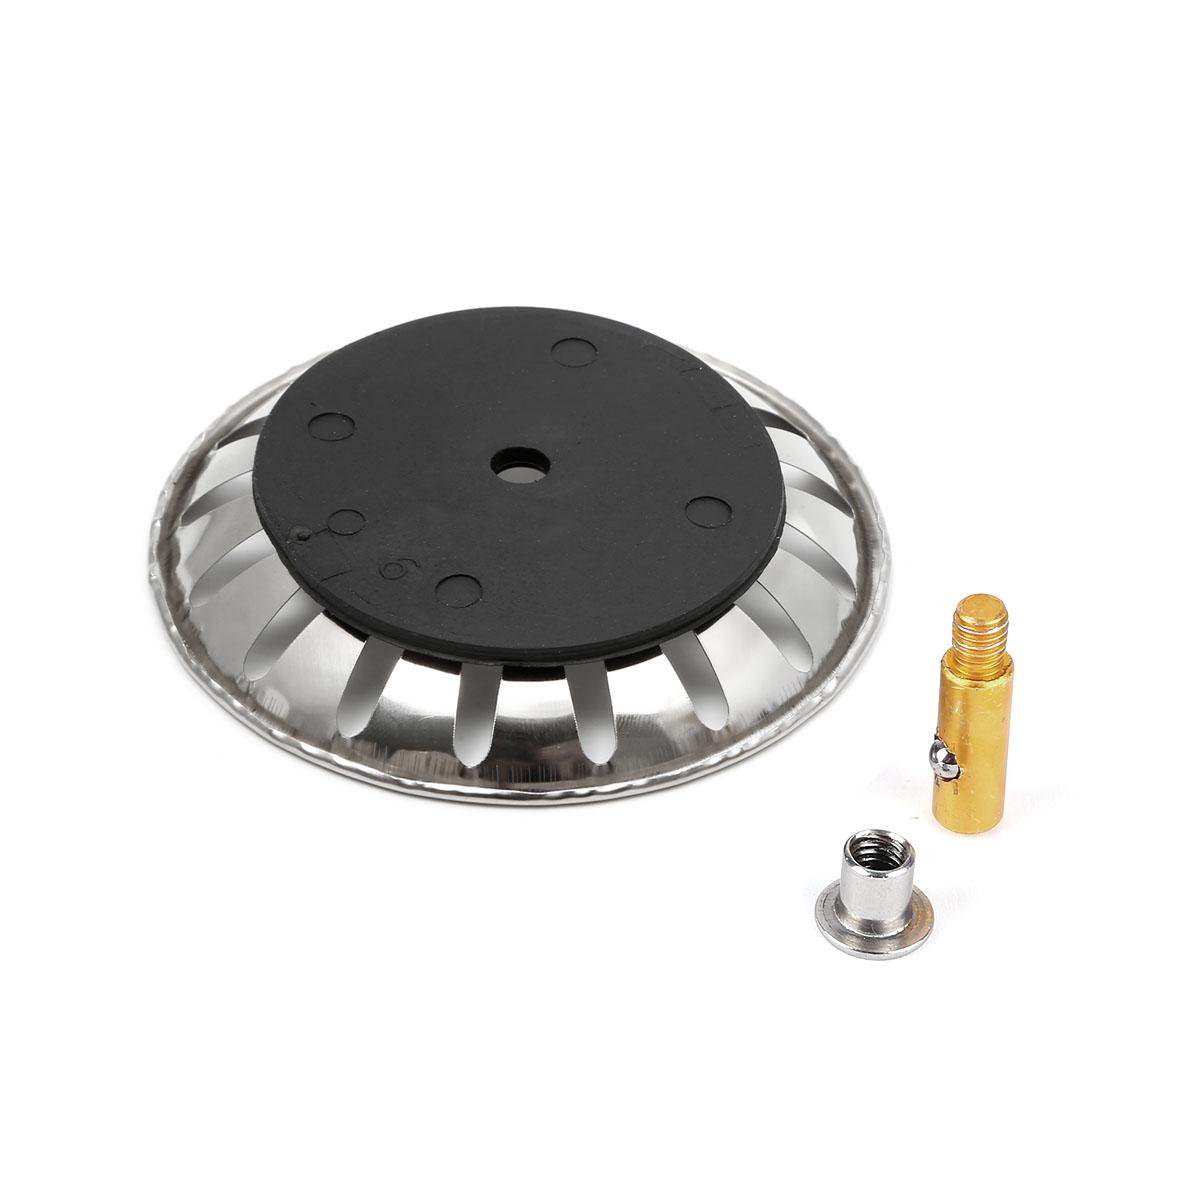 2x filtre évier bouchon d'évier métal 8cm lavabo cuisine +